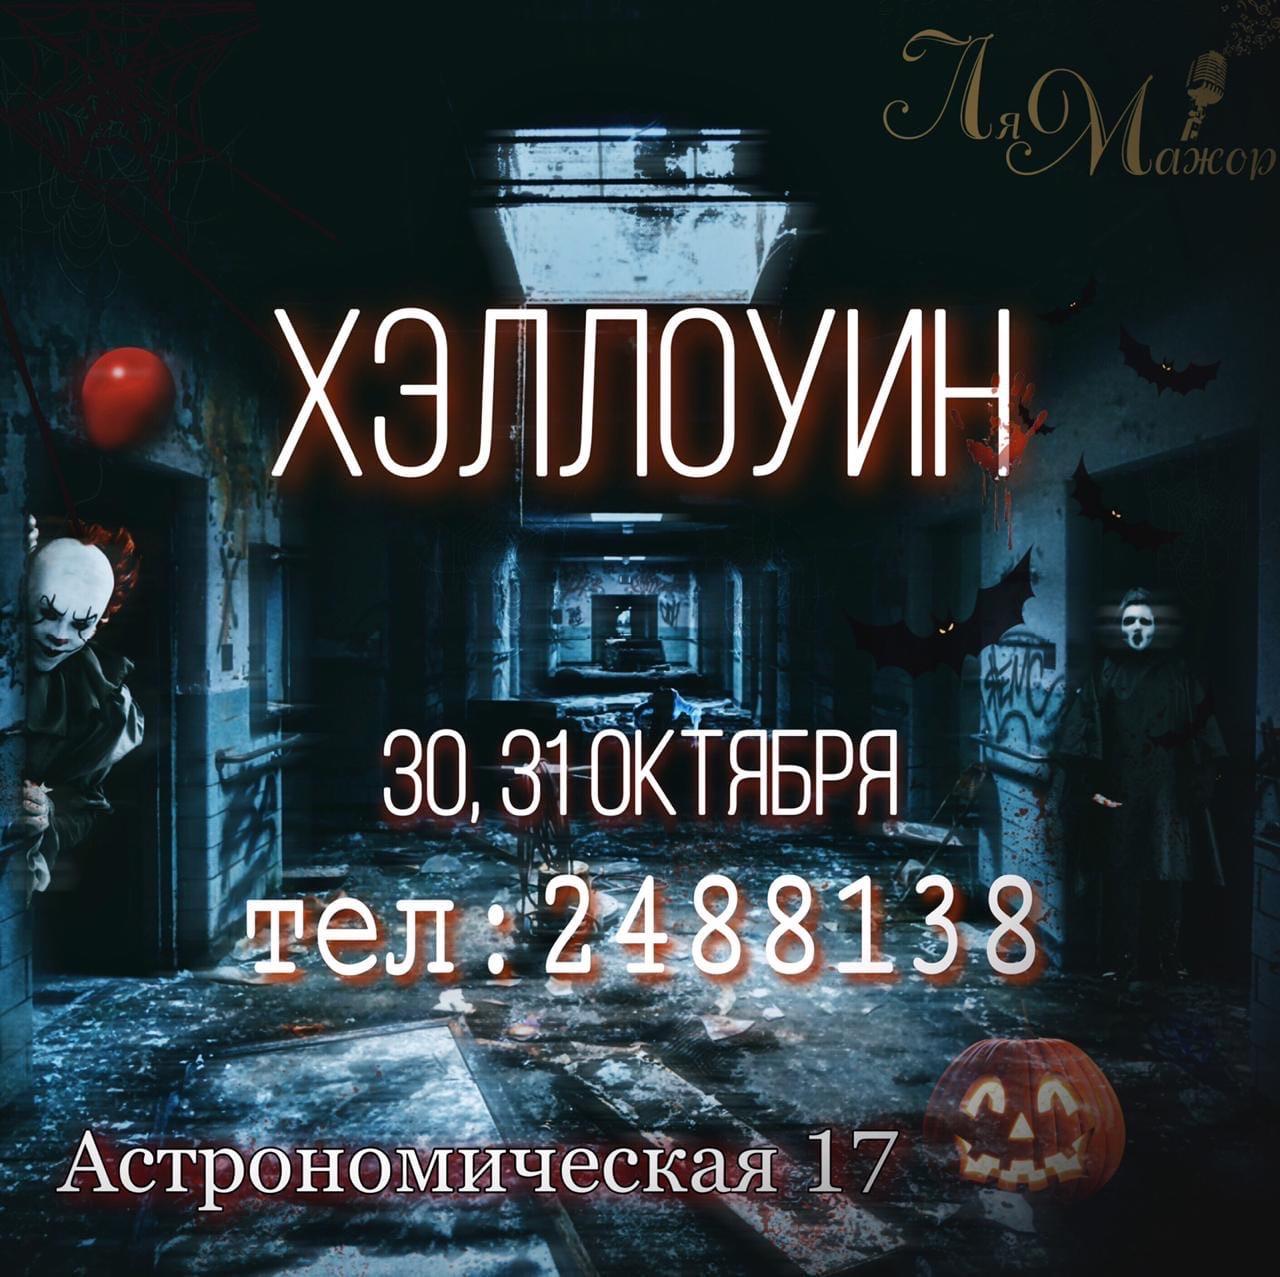 Караоке-бар «Ля Мажор» - Вконтакте